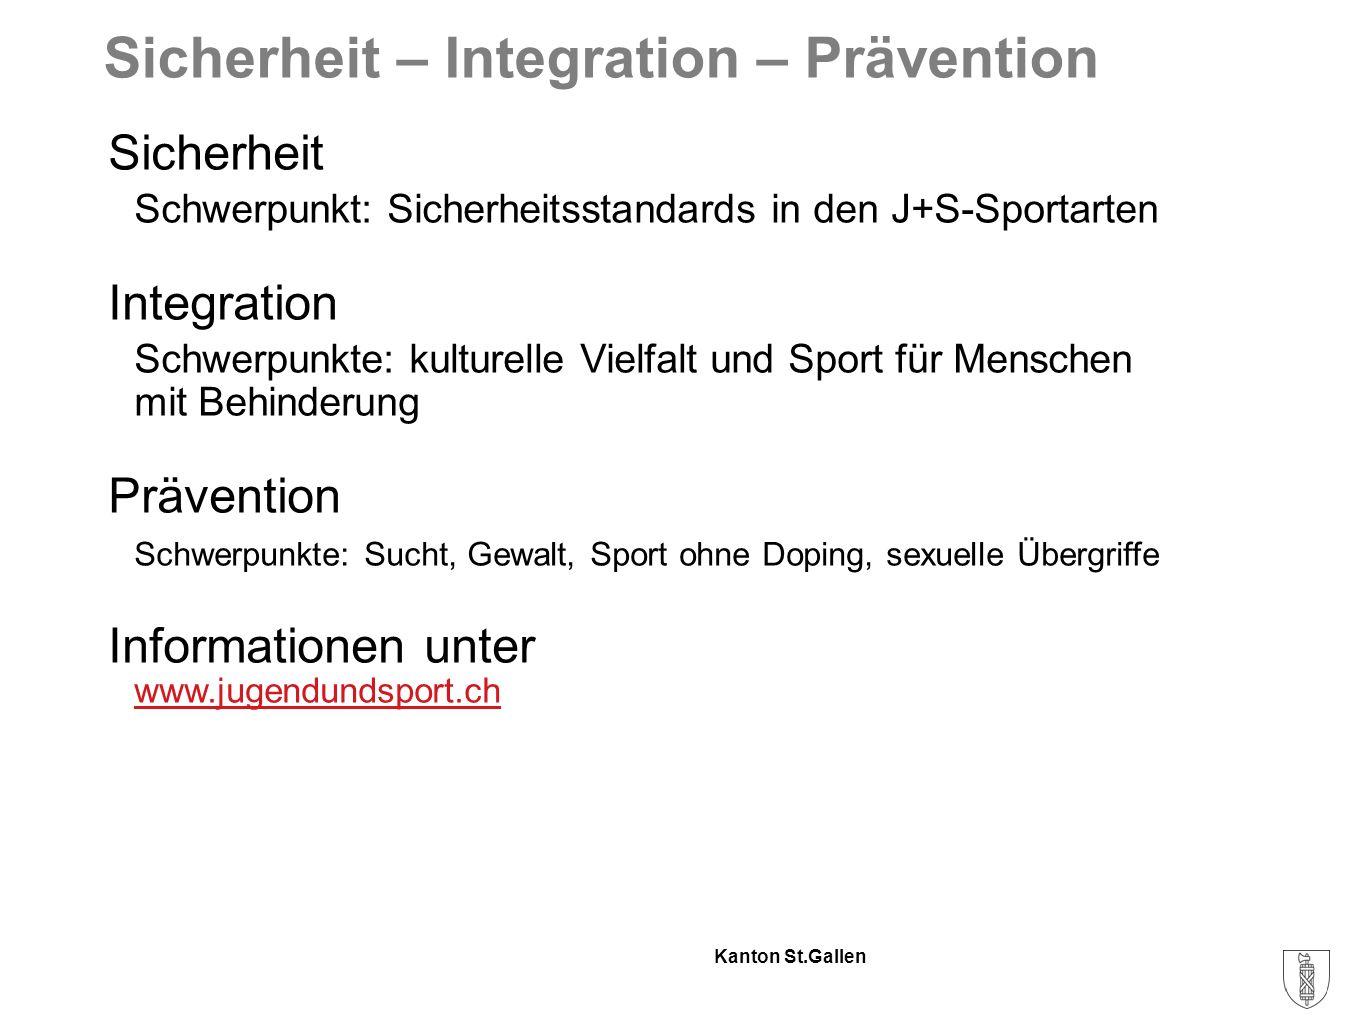 Kanton St.Gallen Sicherheit – Integration – Prävention J+S unterstützt das gemeinsame Sporttreiben von Kindern und Jugendlichen mit und ohne Behinderung.